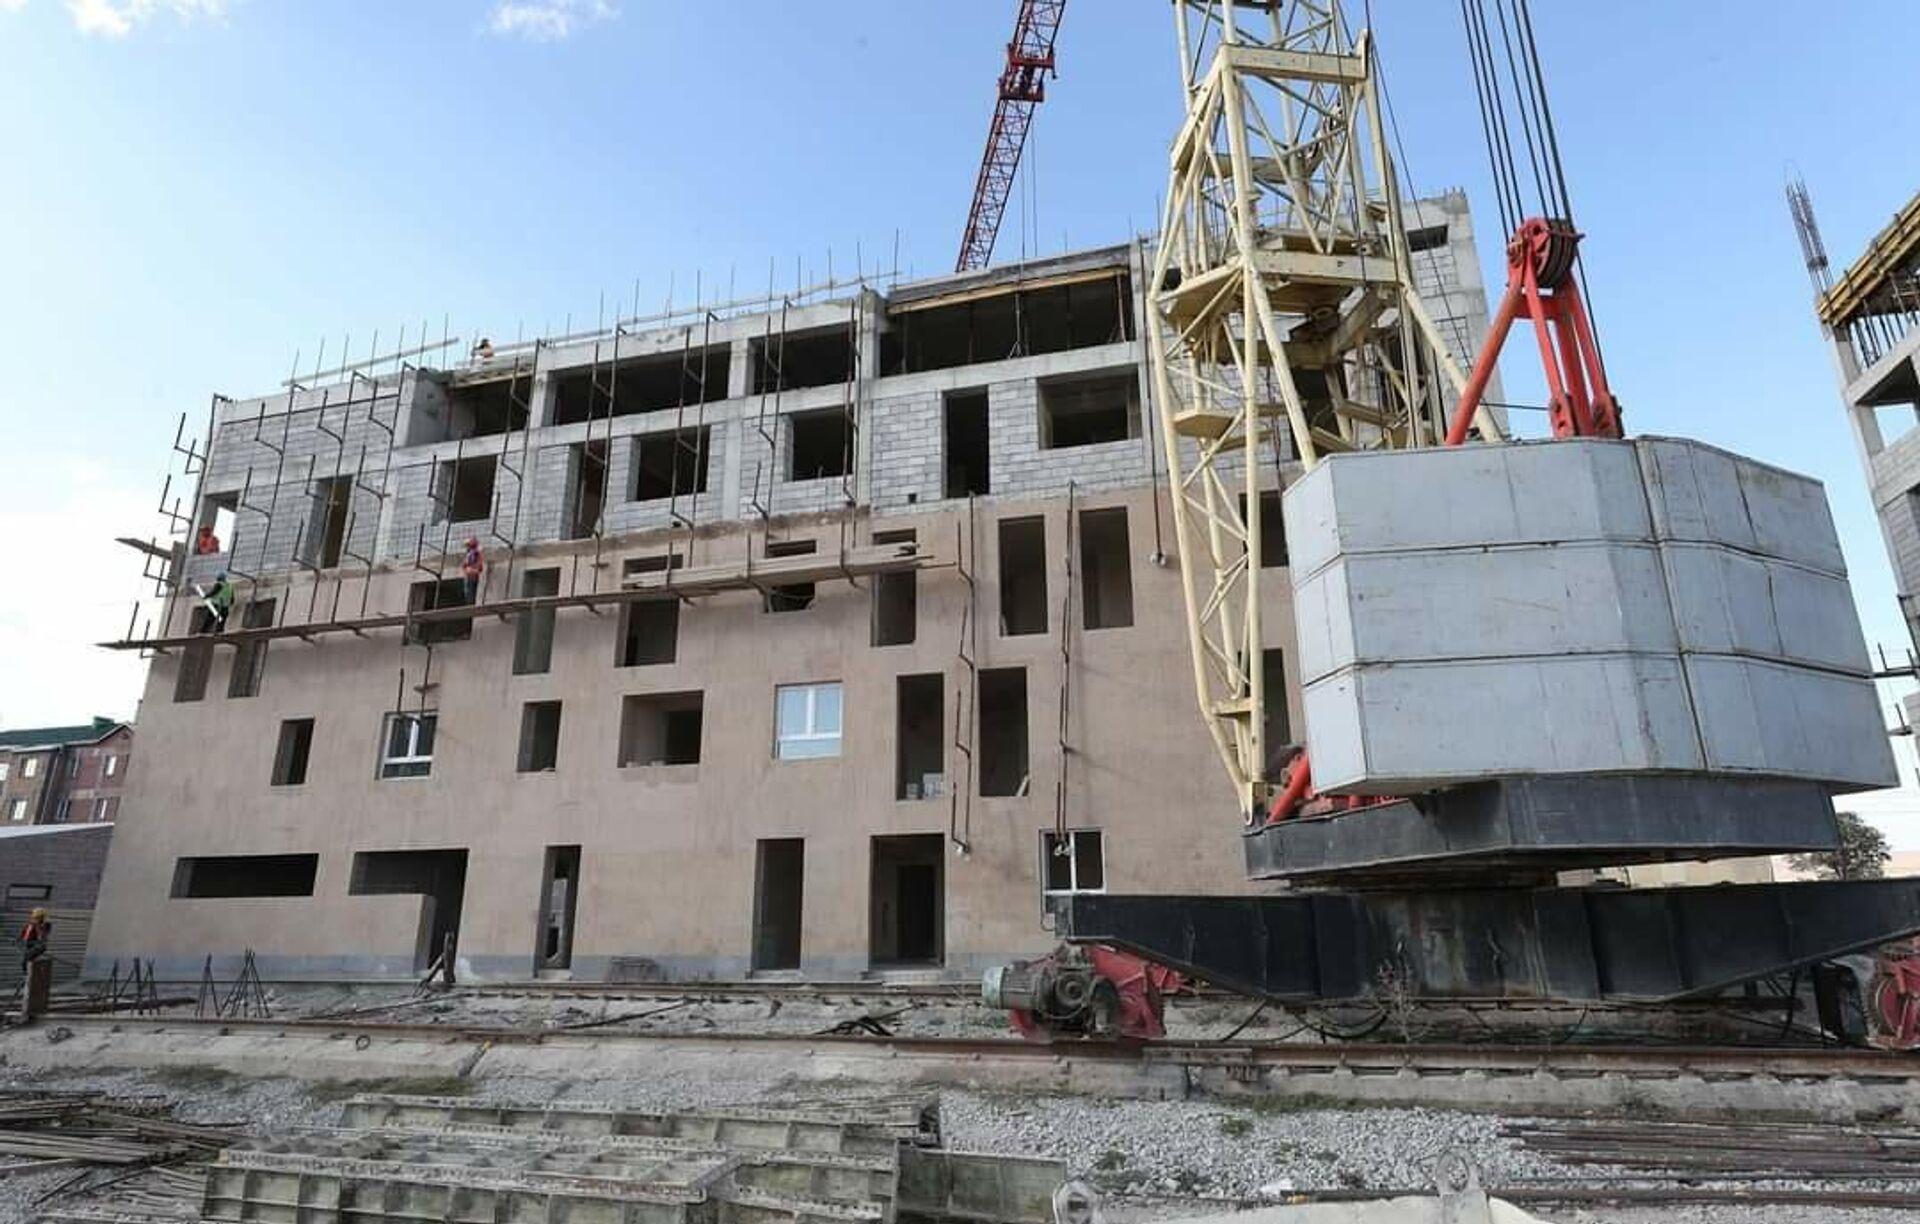 Всеармянский фонд Айастан строит многоквартирные жилые здания и детский сад в районе Муш в Гюмри. - Sputnik Армения, 1920, 19.09.2021